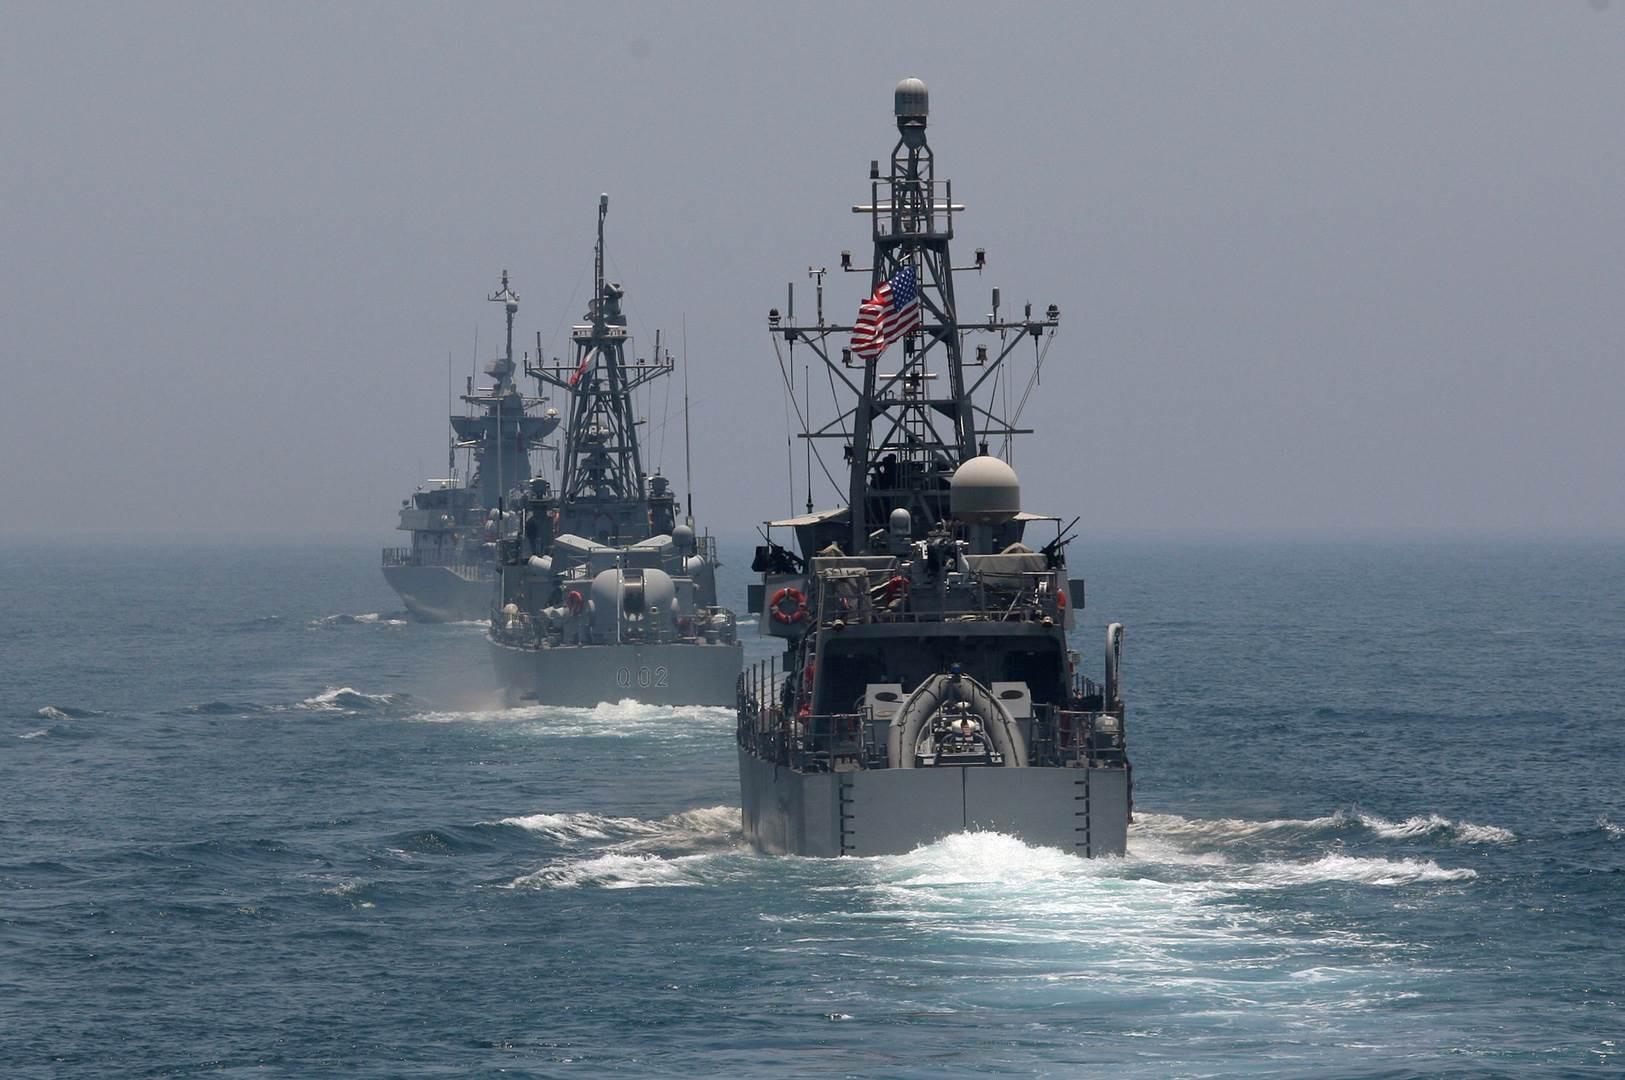 تنتشر حالياً 21 قطعة في نطاق عمليات الأسطول الخامس المشرف على منطقة الخليج.